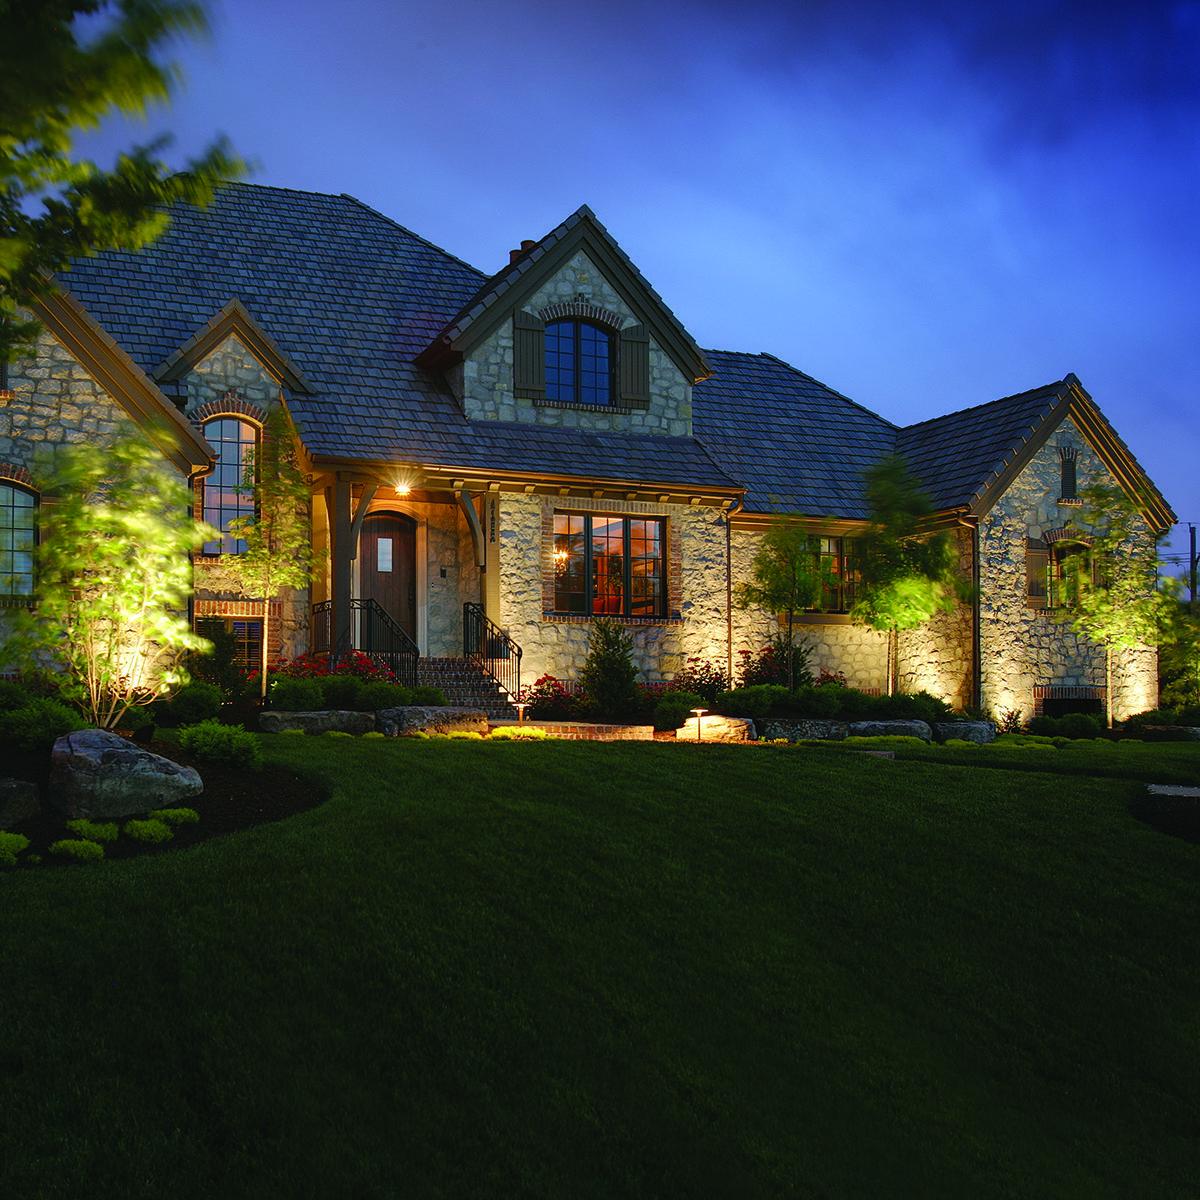 Low Voltage Outdoor Lighting Landscapelightingdesign In 2020